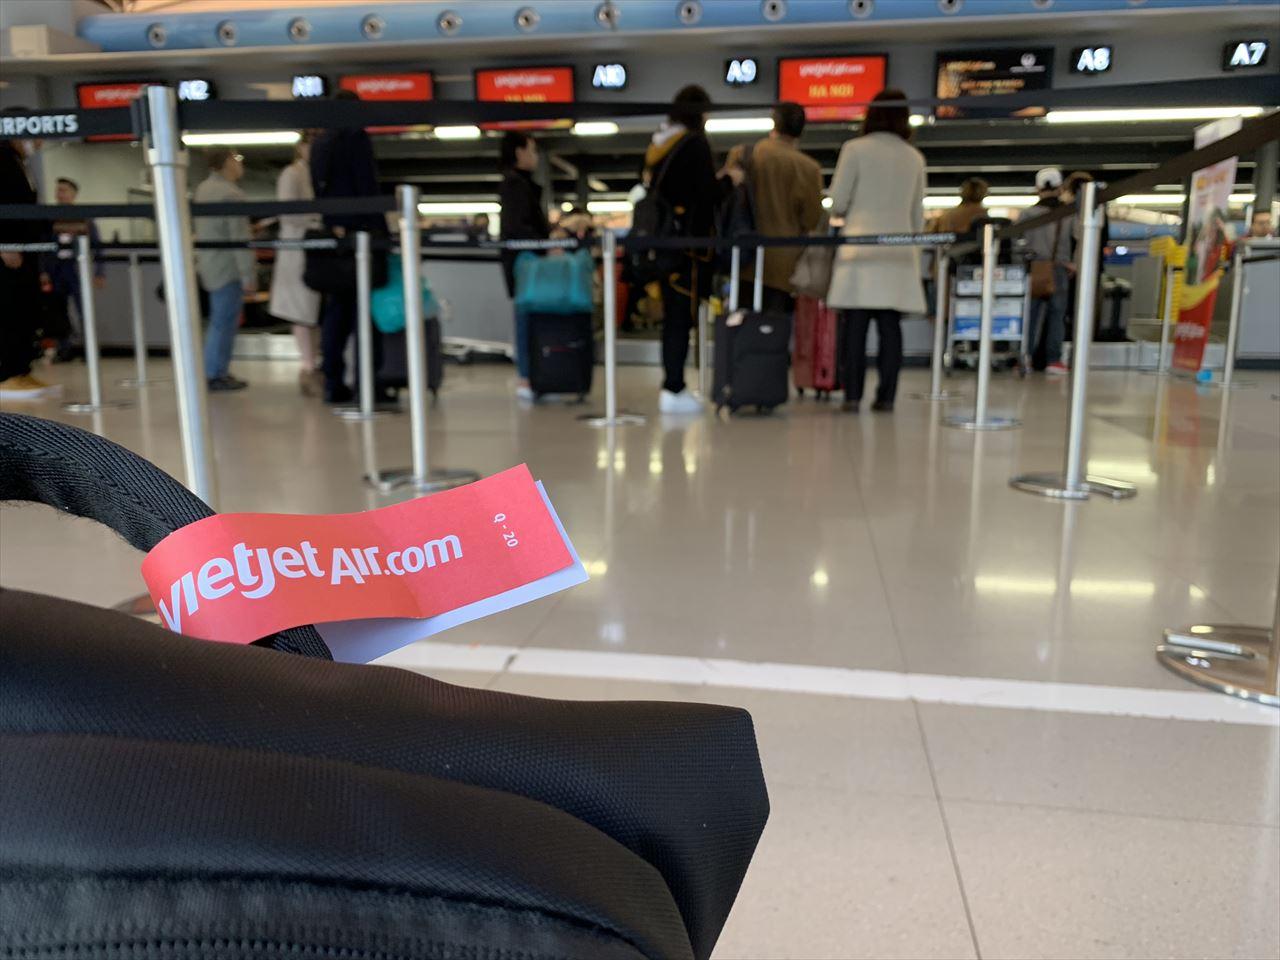 ベトジェットエア 機内手荷物制限もクリア